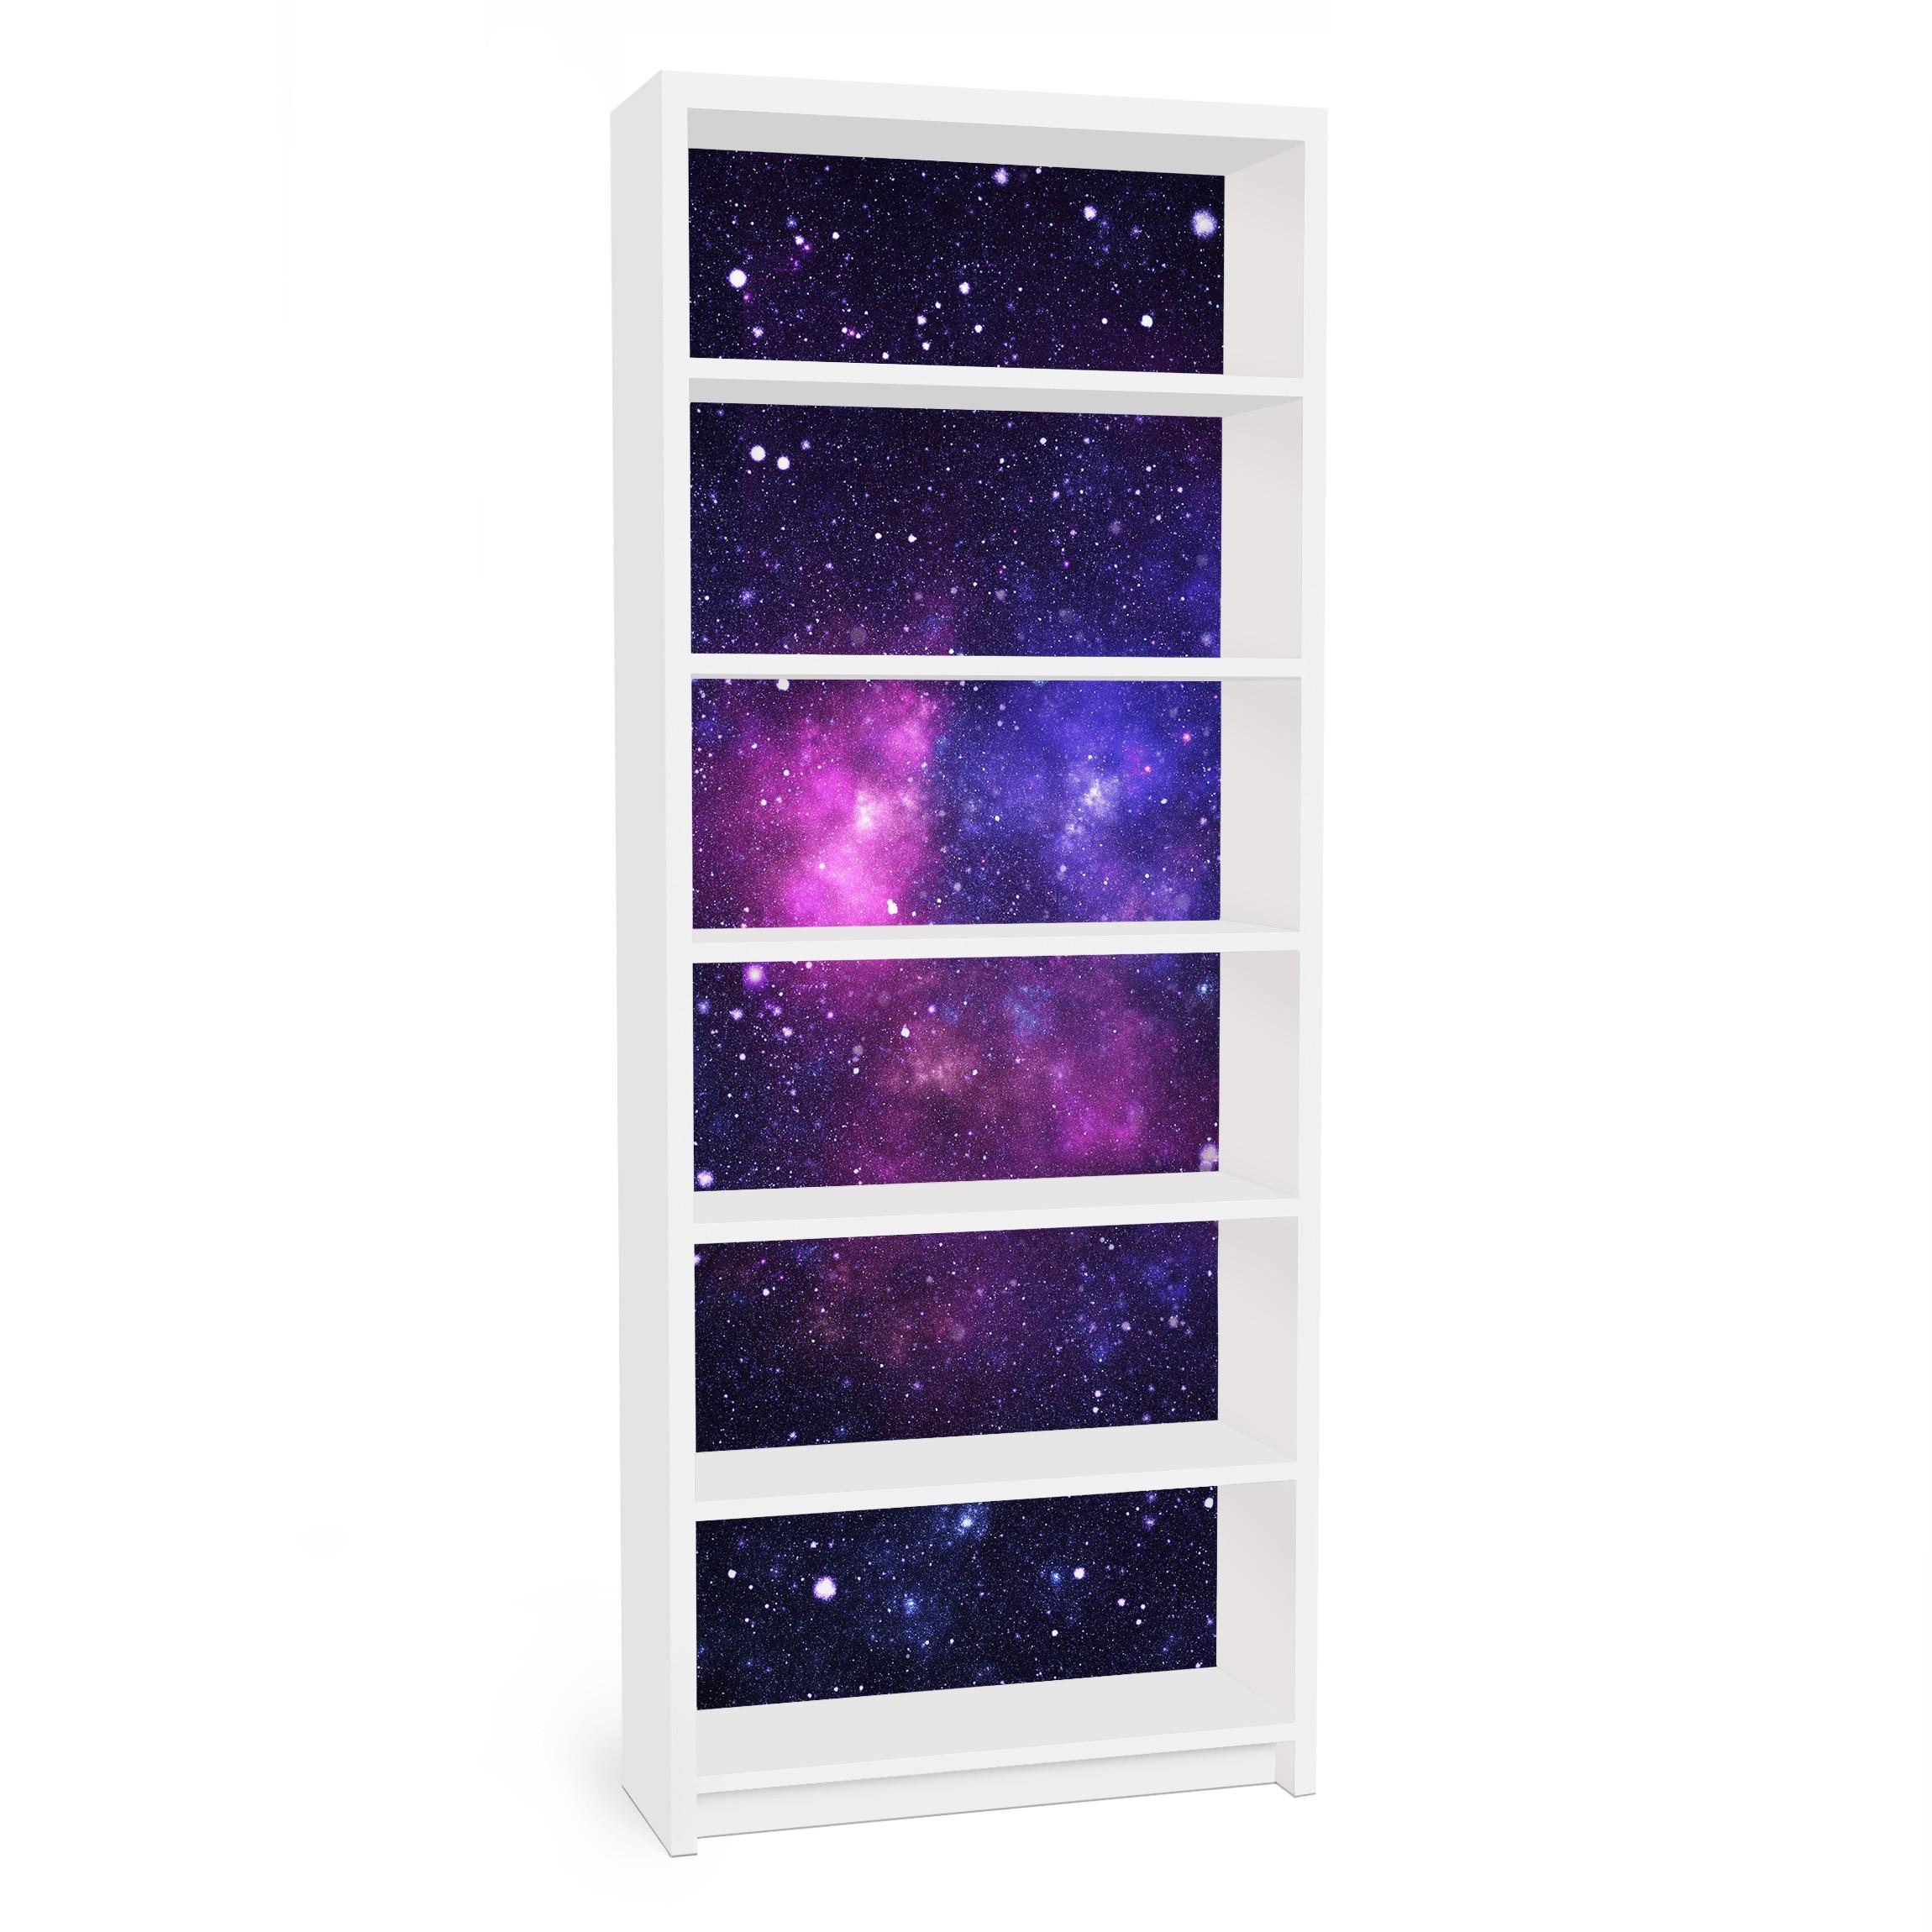 Carta adesiva per mobili ikea billy libreria galaxy for Carta adesiva mobili